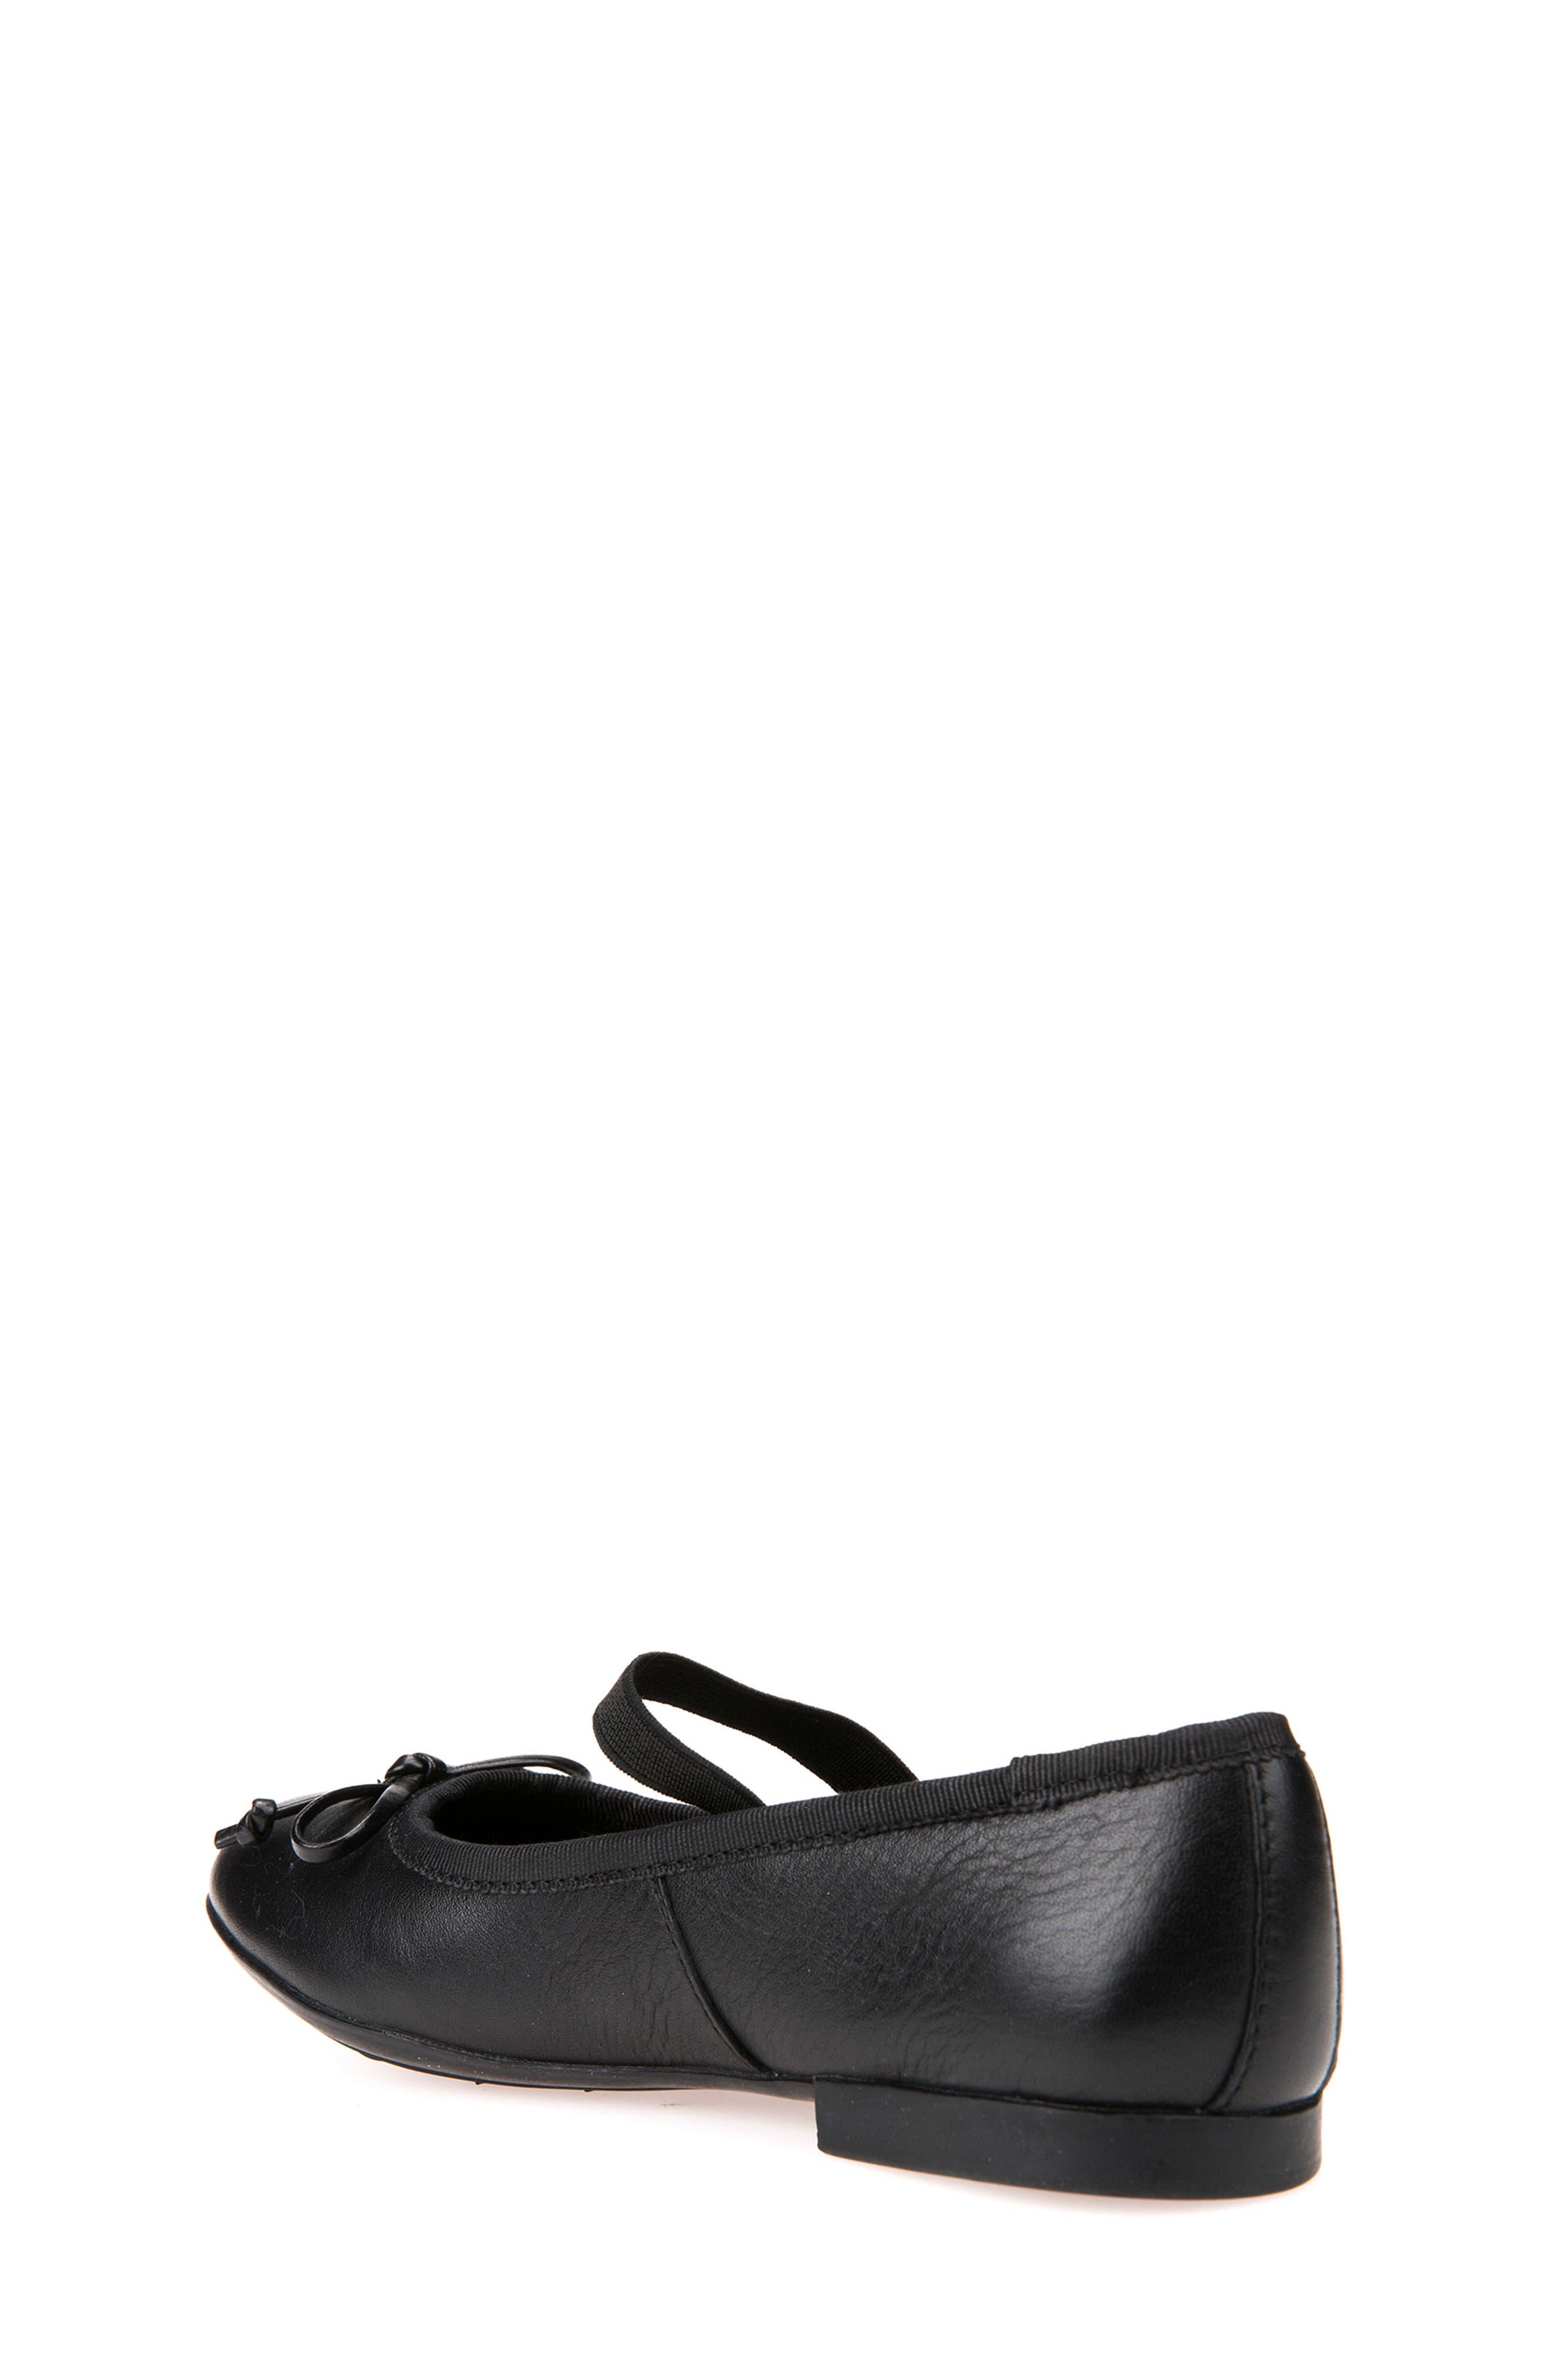 Plie Leather Ballet Flat,                             Alternate thumbnail 2, color,                             BLACK